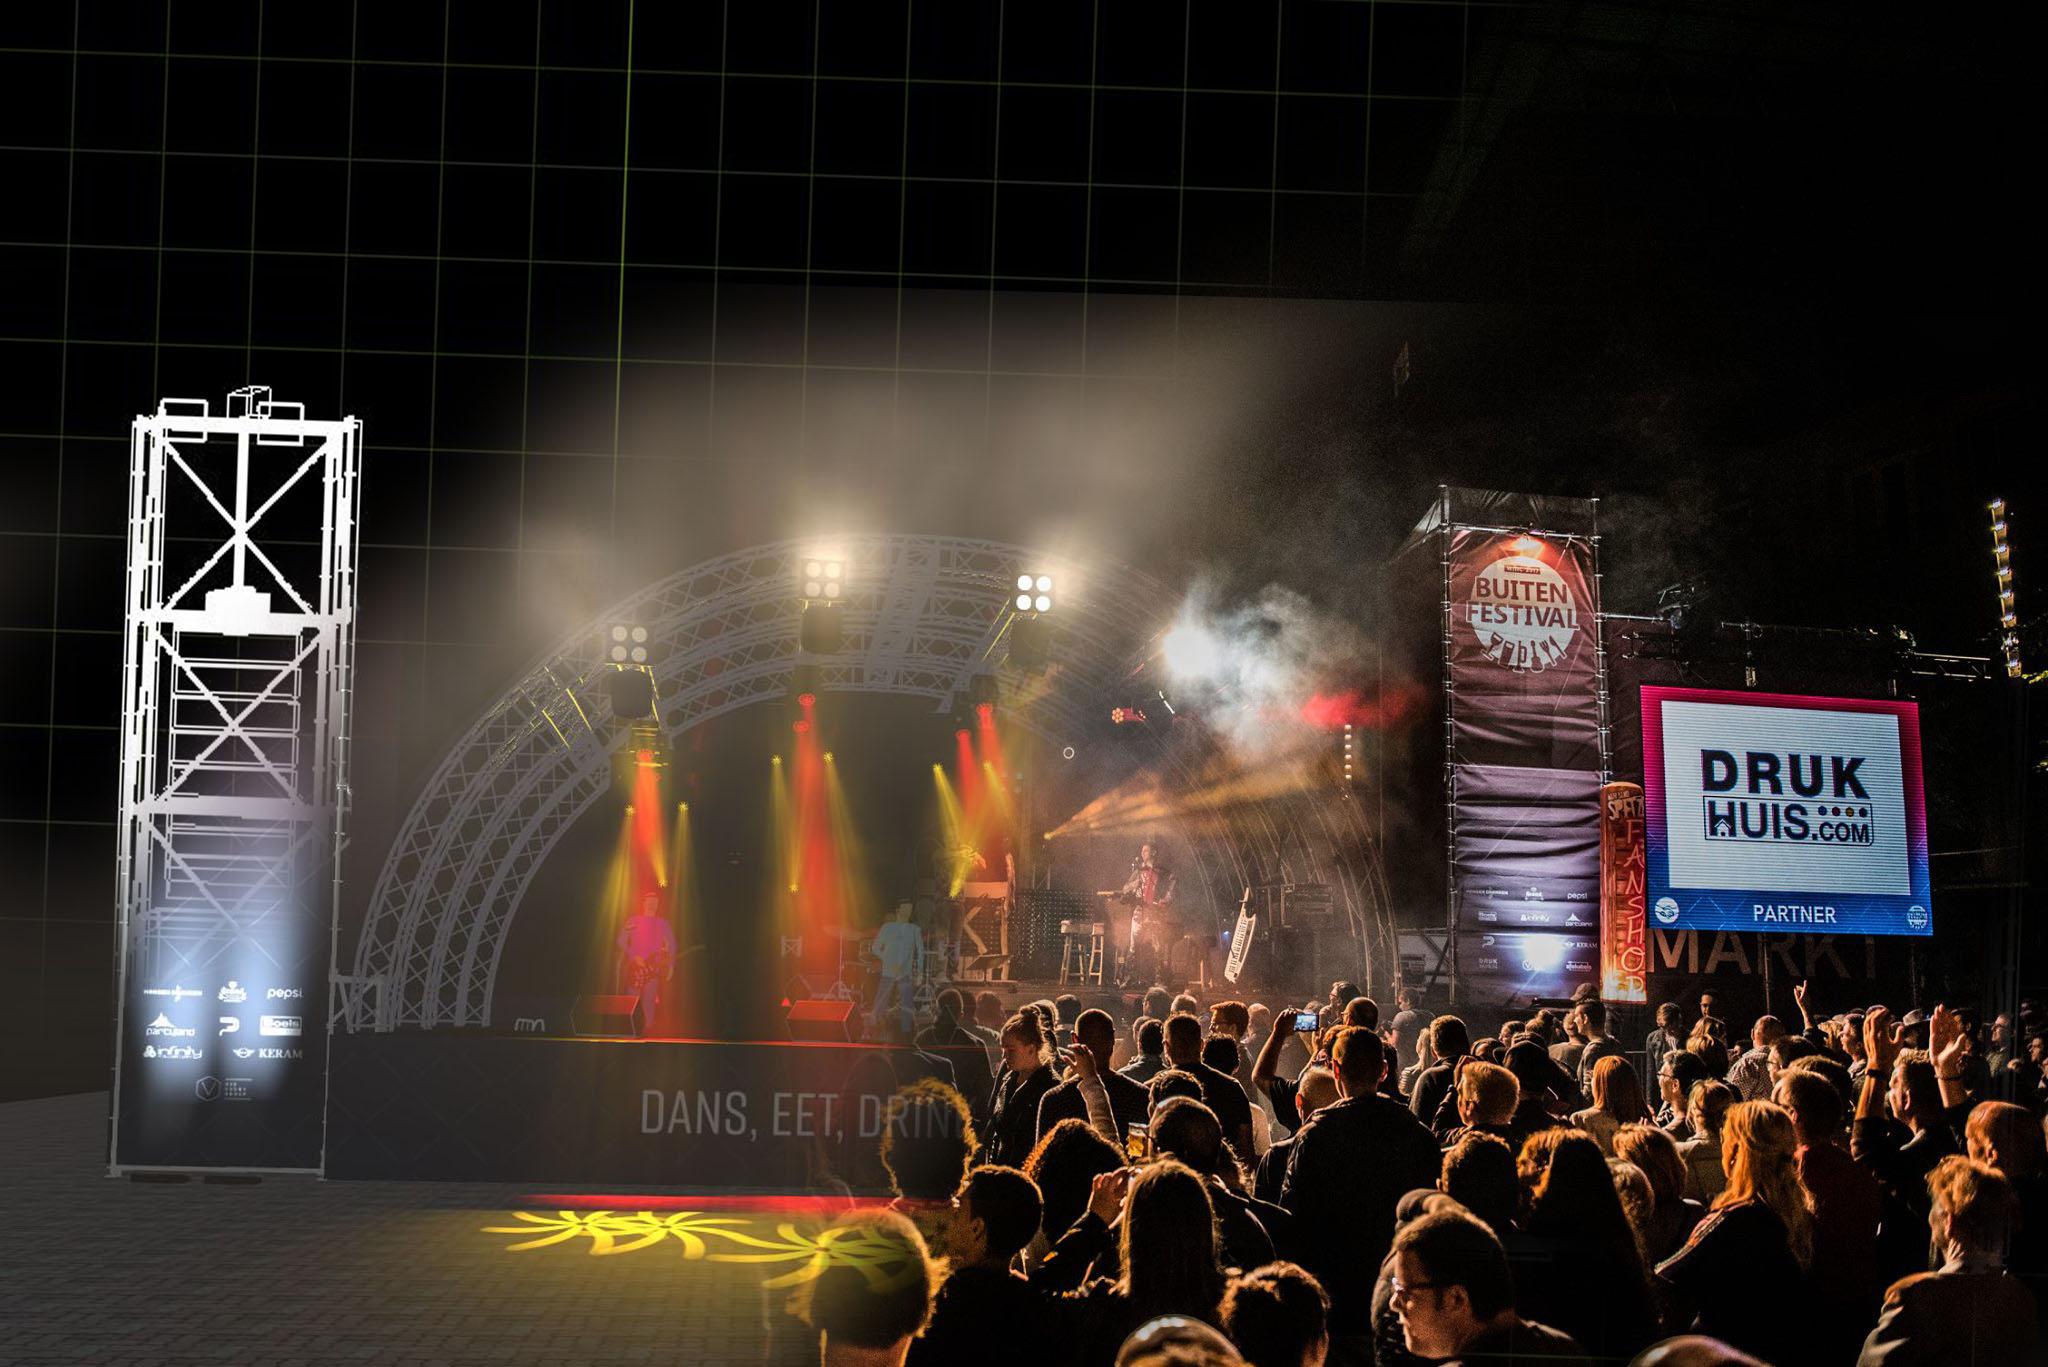 WMC Buitenfestival 2017